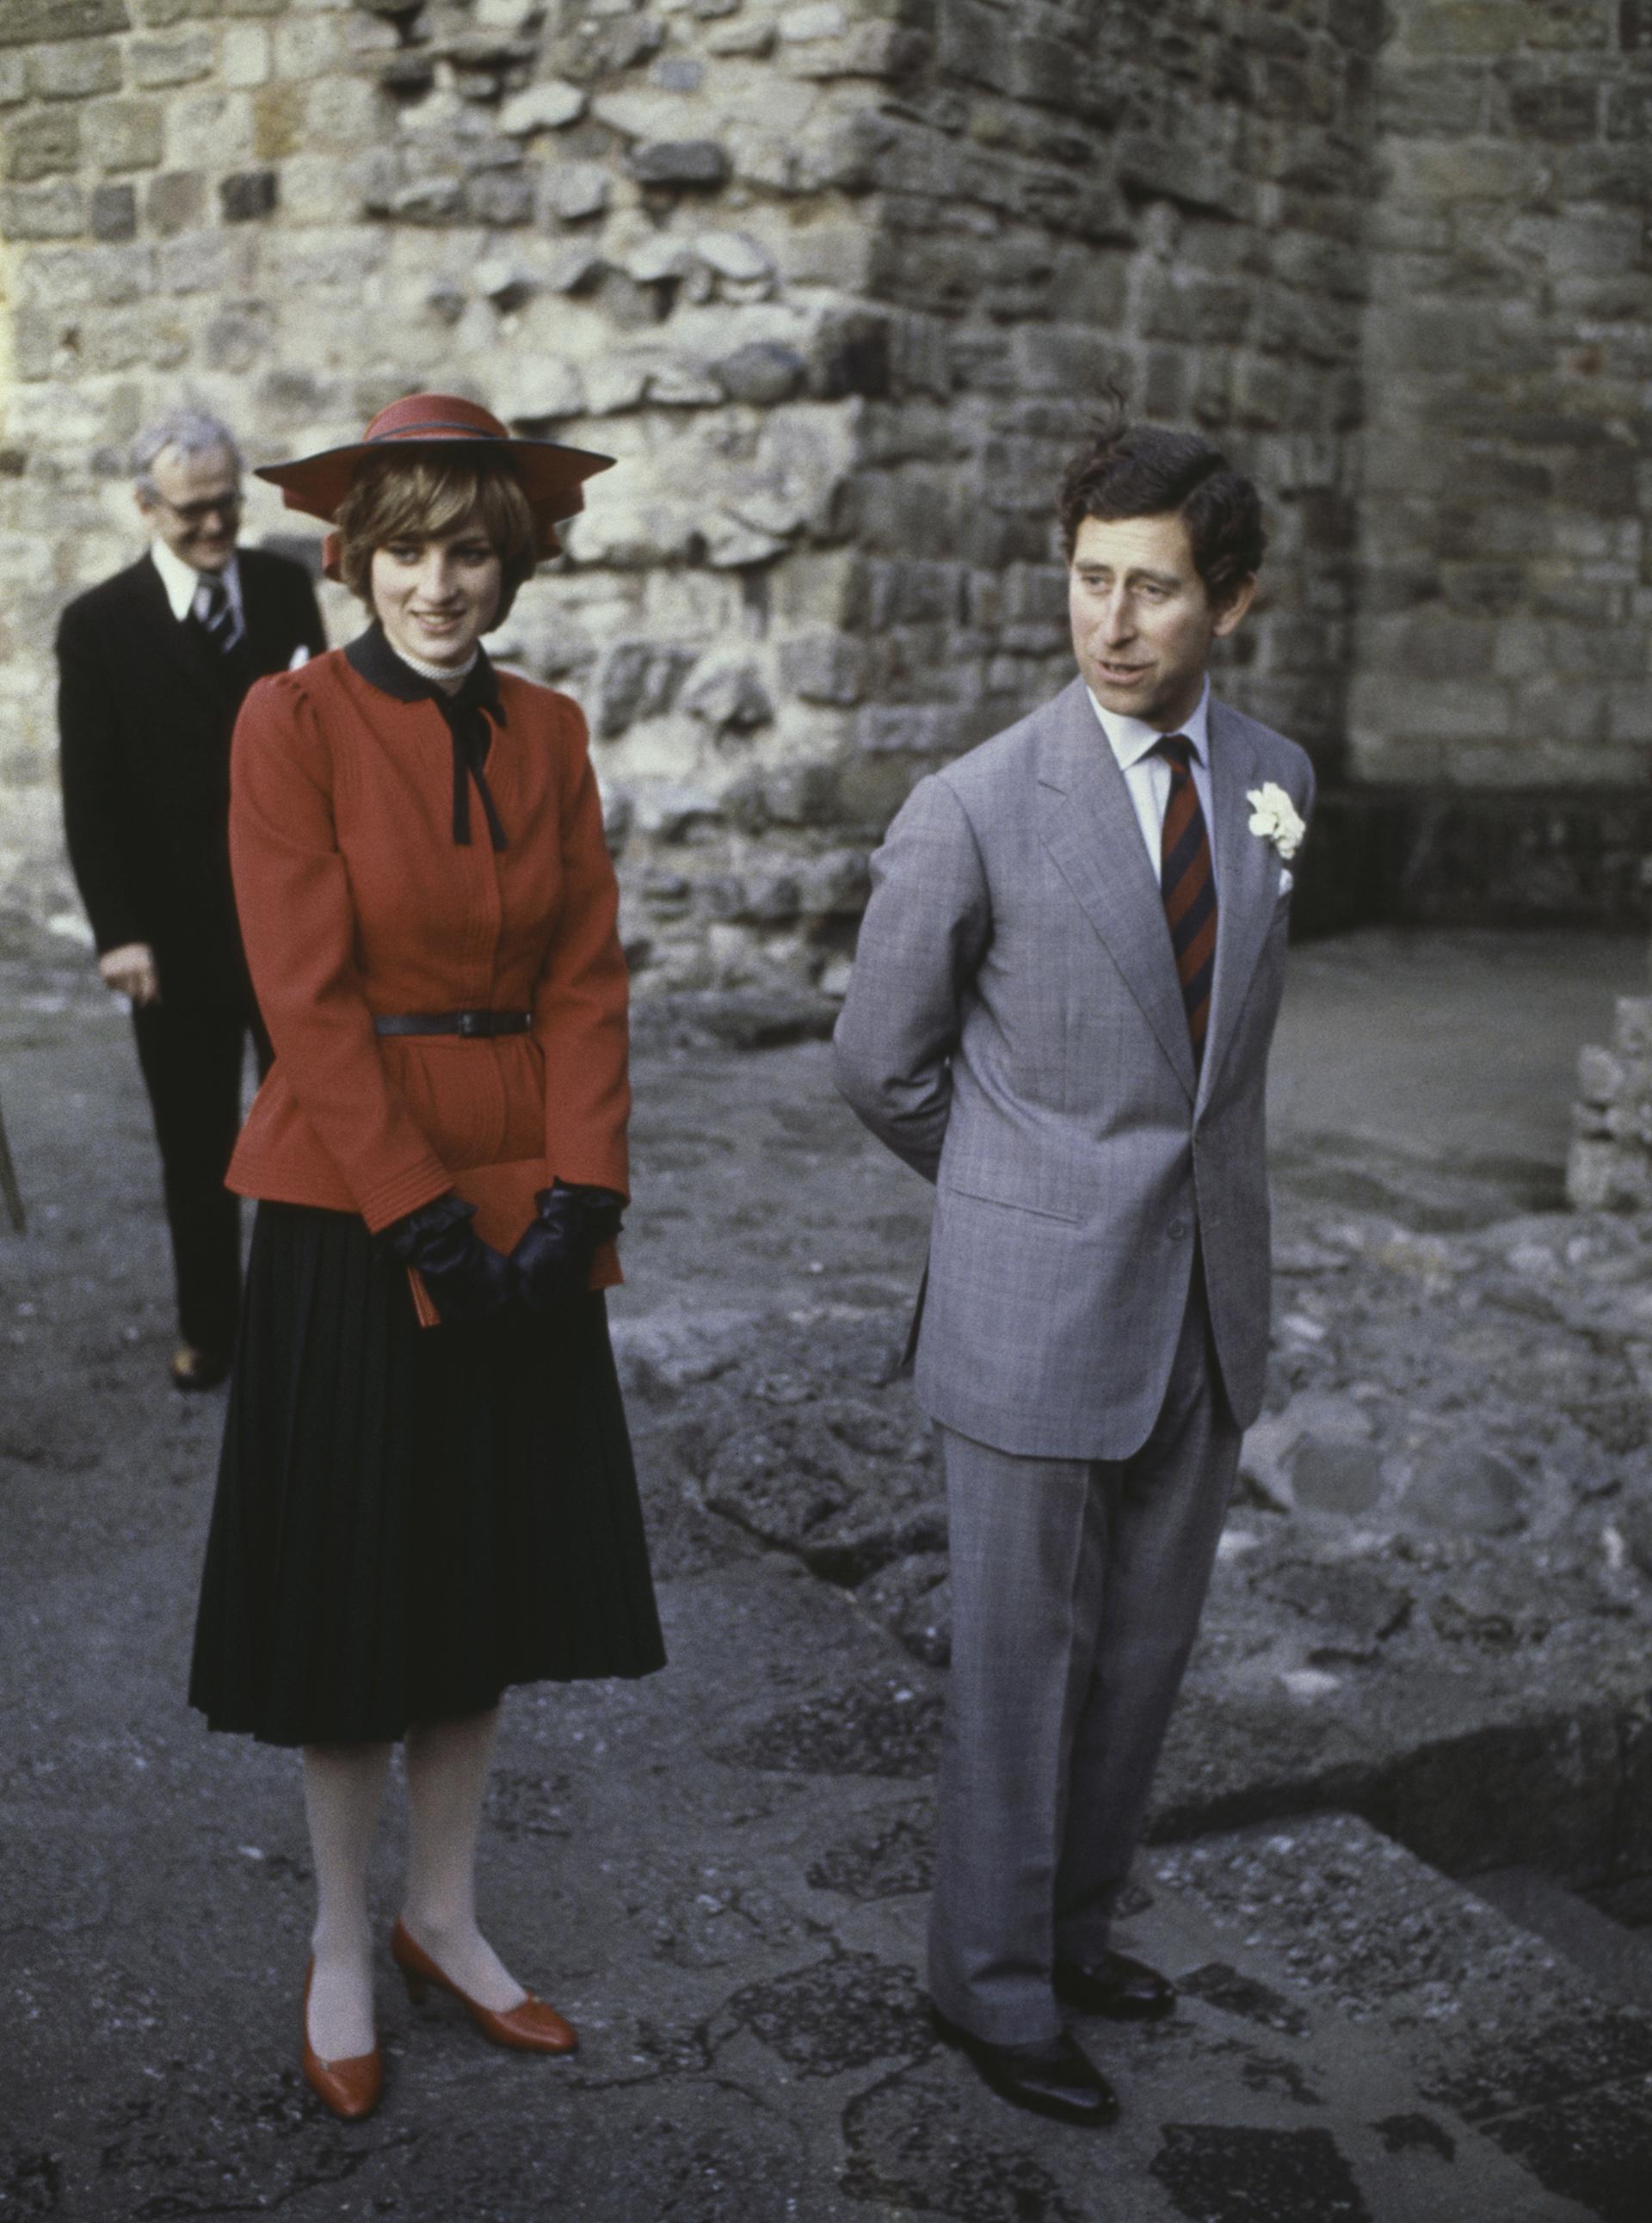 Desde pequeña siguió la tradición de los sombreros. En la imagen vestía unsaco entallado con cinturón, lazo y guantes de cuero negro combinados con una falda a la rodilla plisada: Diana siempre usaba medias de nylon (Foto de Hulton Archive/Getty Images)